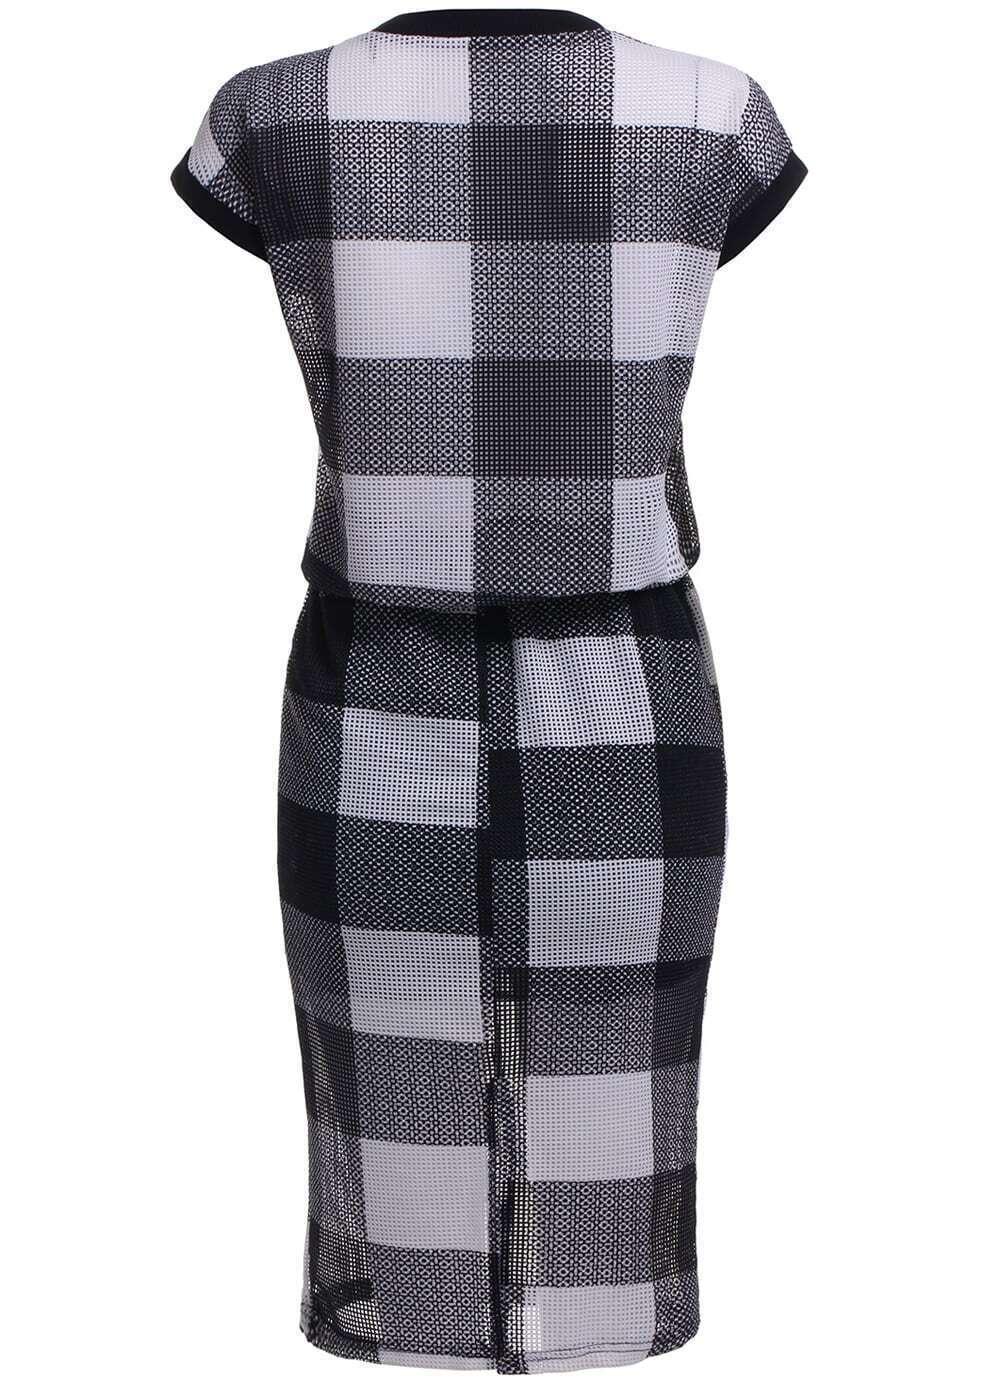 top manches courtes plaid avec jupe taille lastique noir french romwe. Black Bedroom Furniture Sets. Home Design Ideas